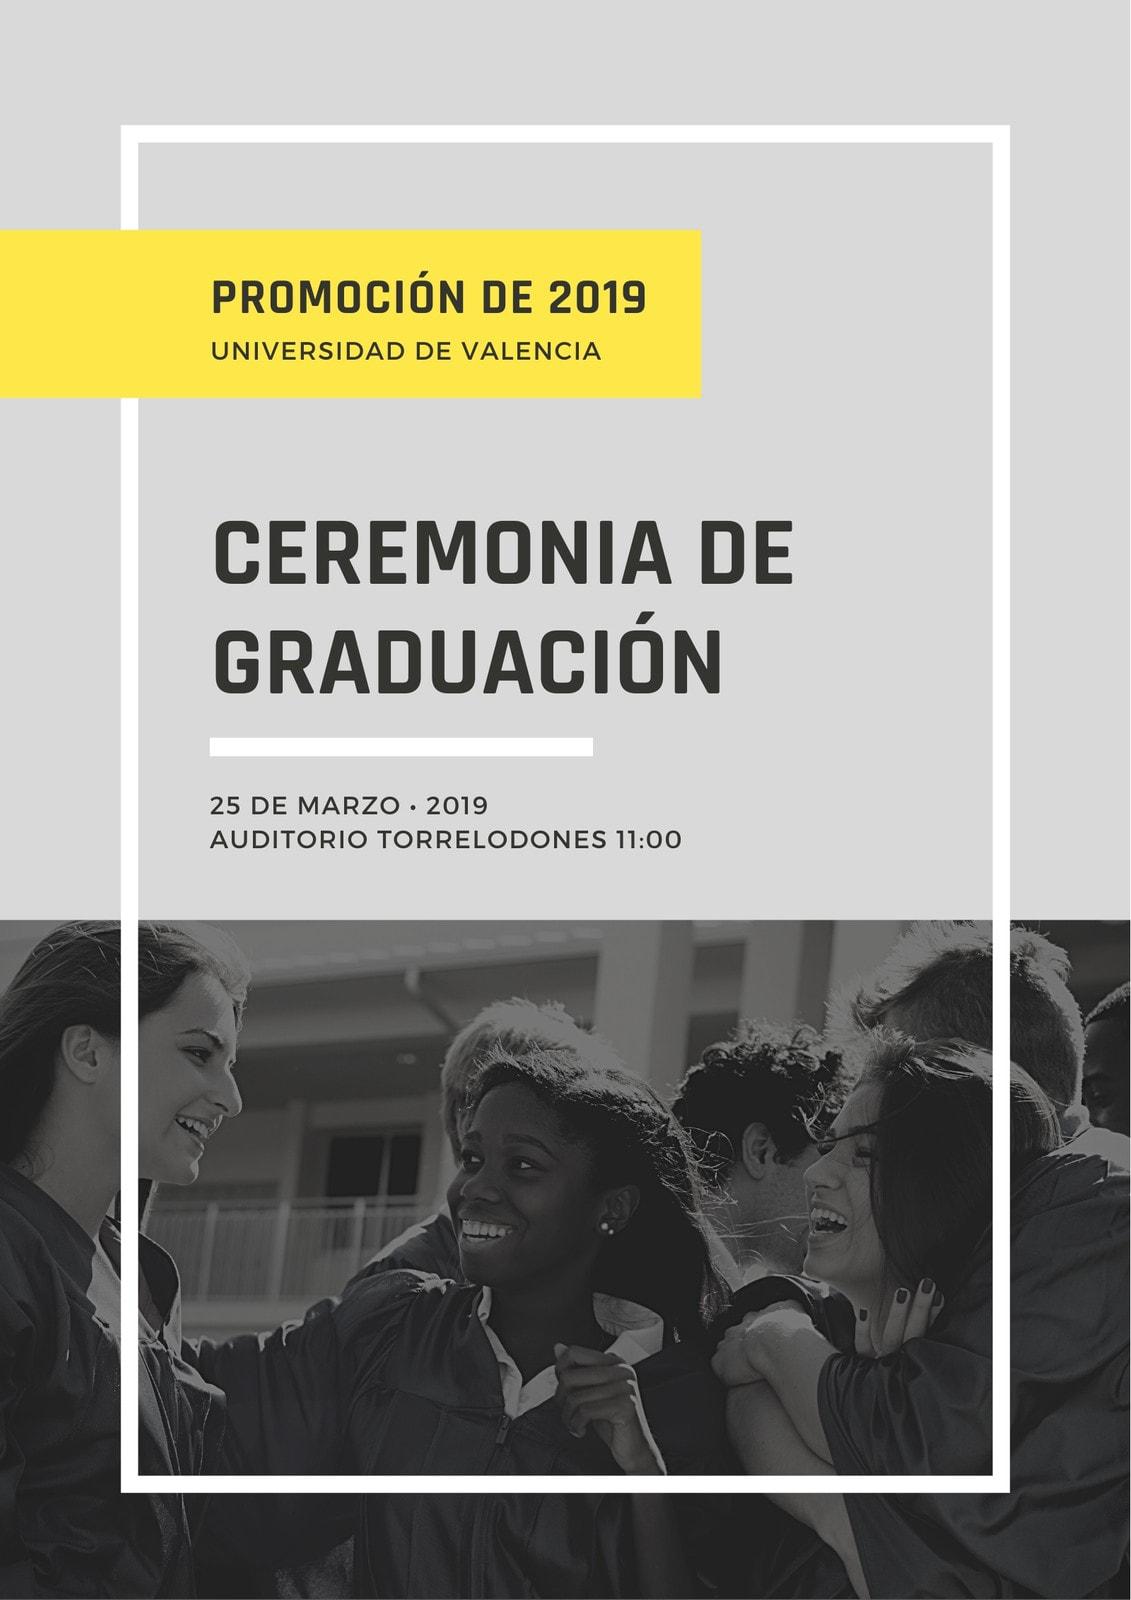 Gris Amarillo Blanco Negro Foto Imagen Borde Marco Graduación Programa